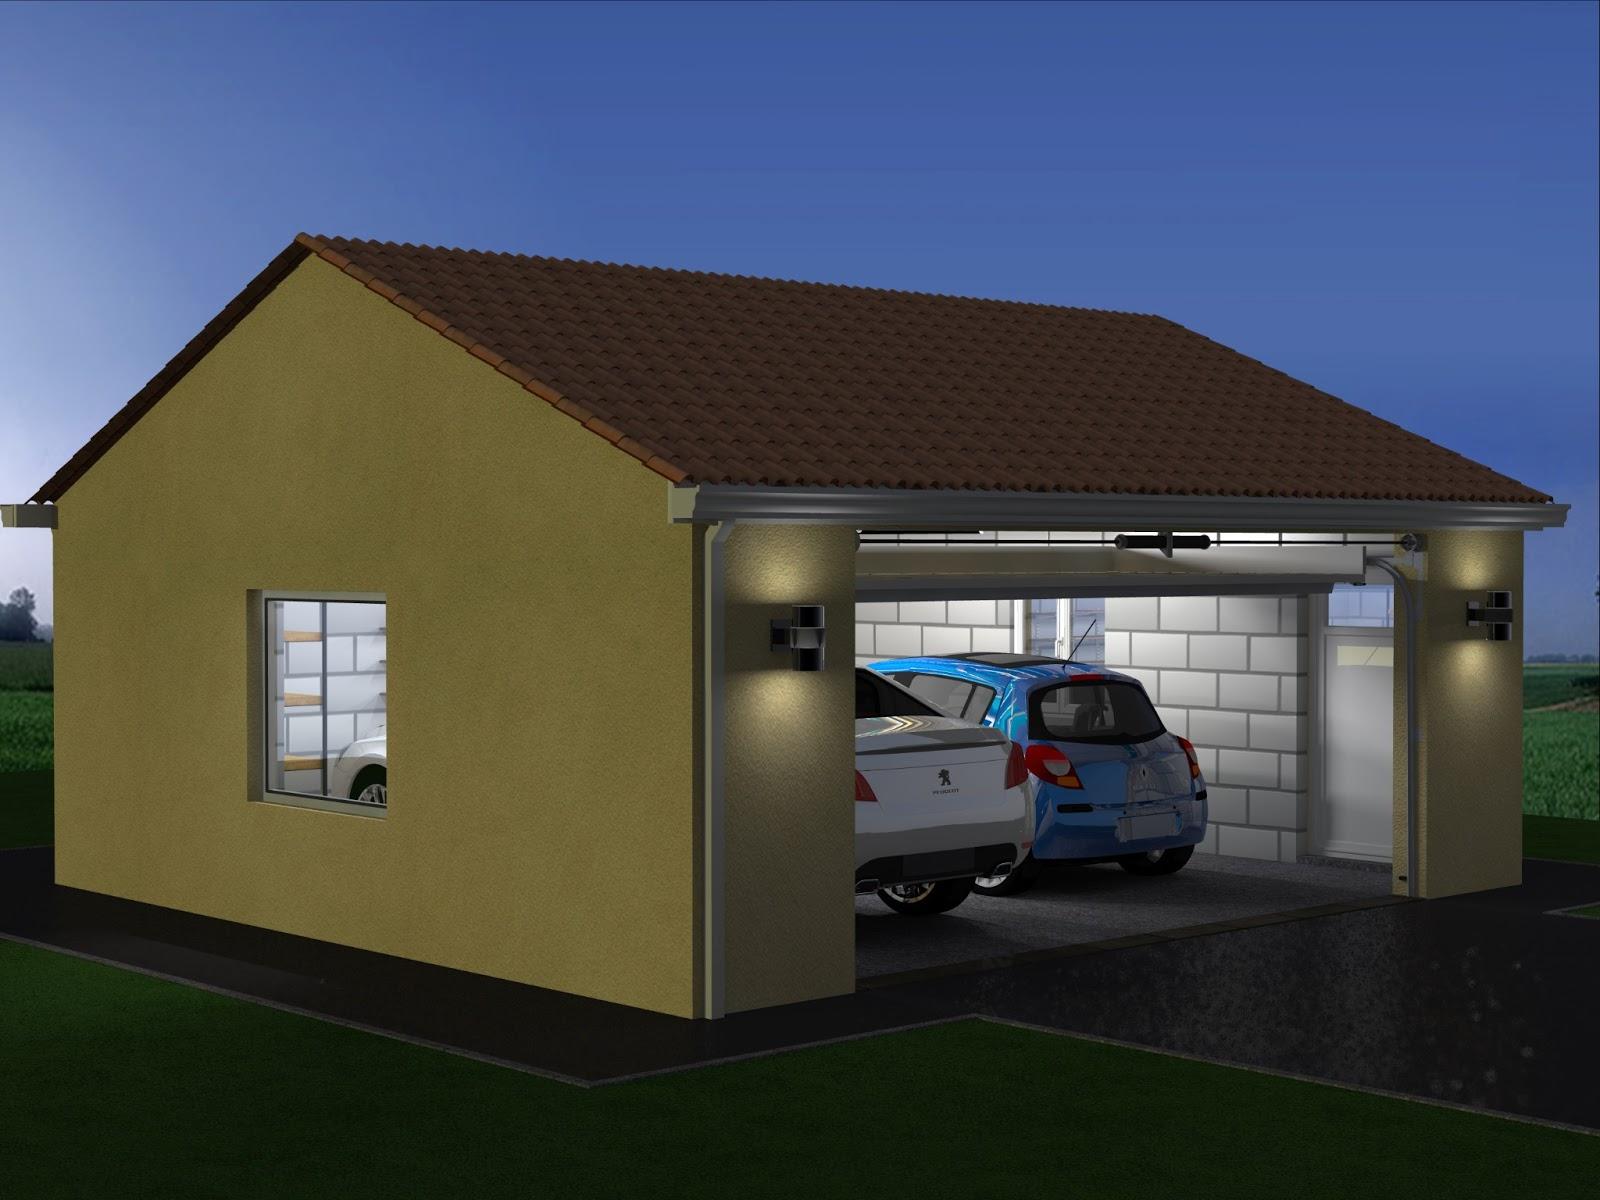 conception construction de projets ext rieurs. Black Bedroom Furniture Sets. Home Design Ideas